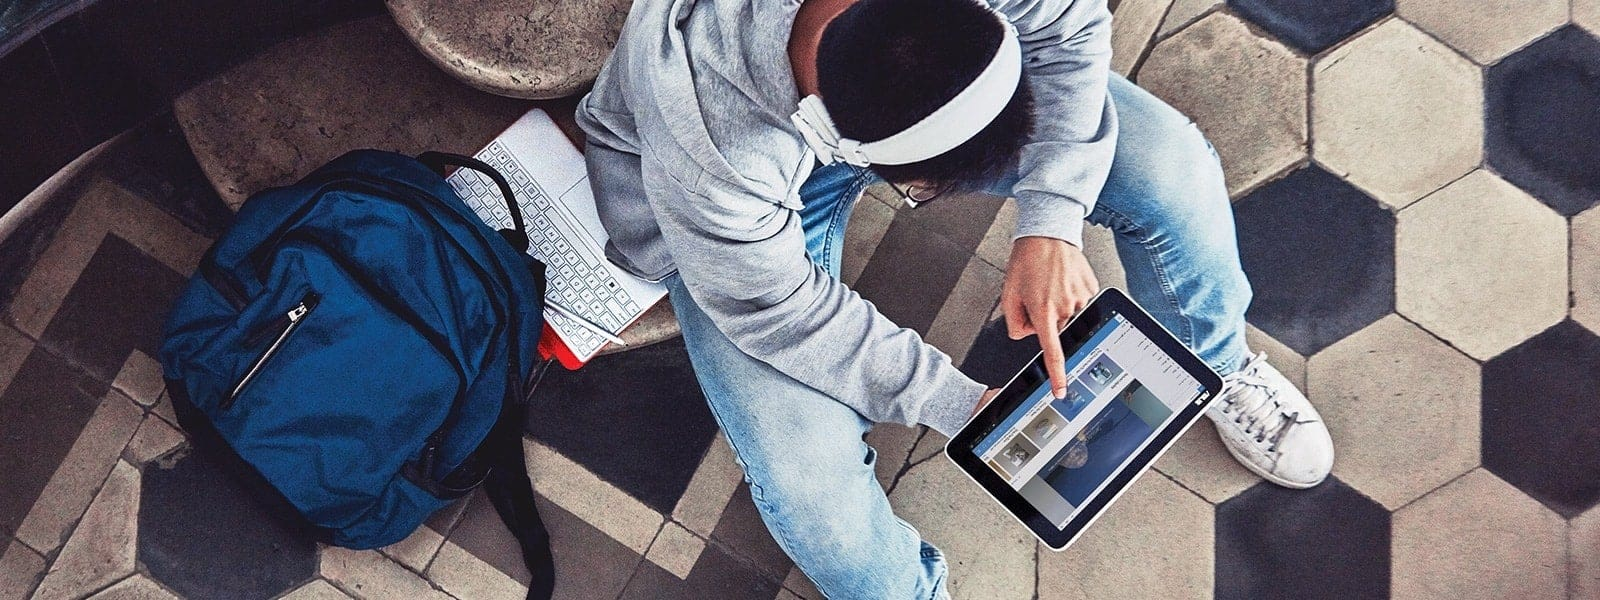 Opiskelija katsomassa Windows 10 -laitetta